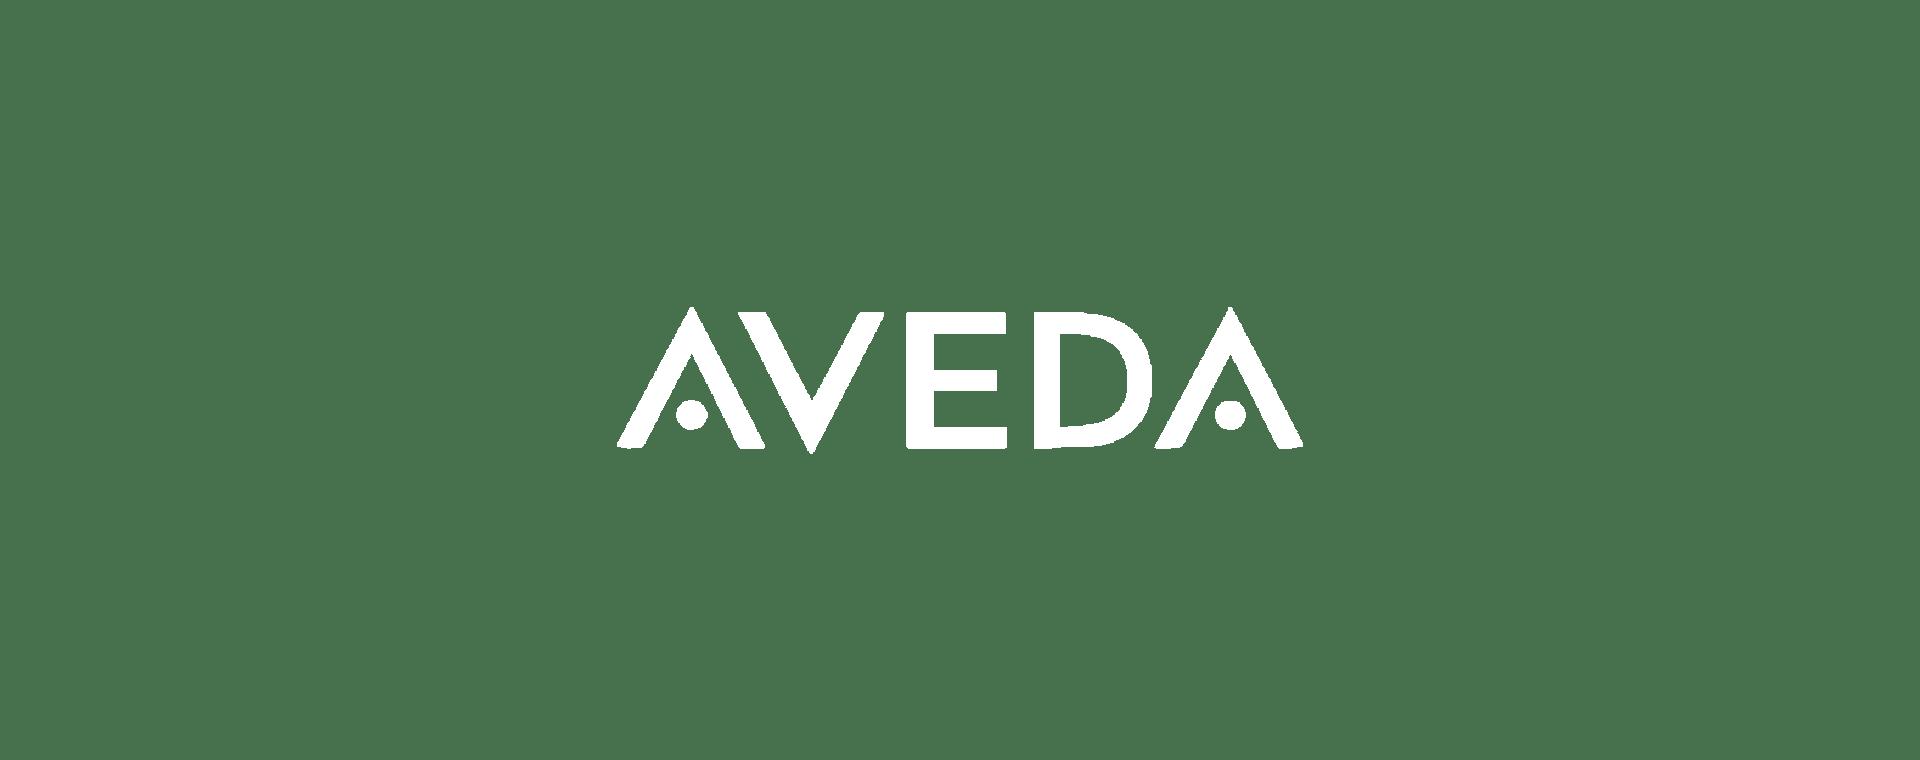 HEADER_AVEDA